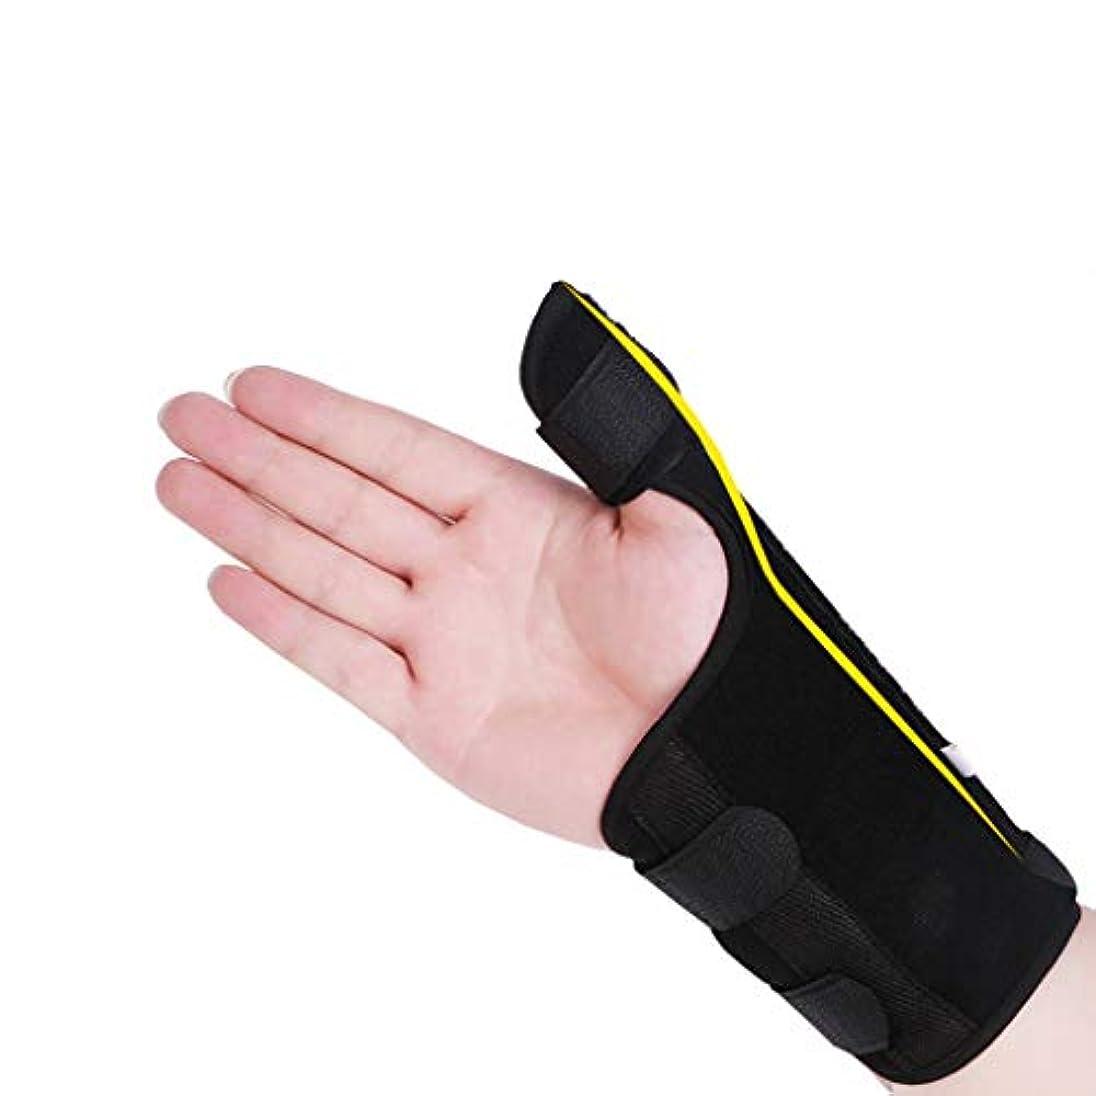 戻る毎月開いた親指サポートガード、軽量で通気性、関節の手根管のための作り付けの副木を使用して安定した無制限の柔らかいティッシュの傷害,Right,M